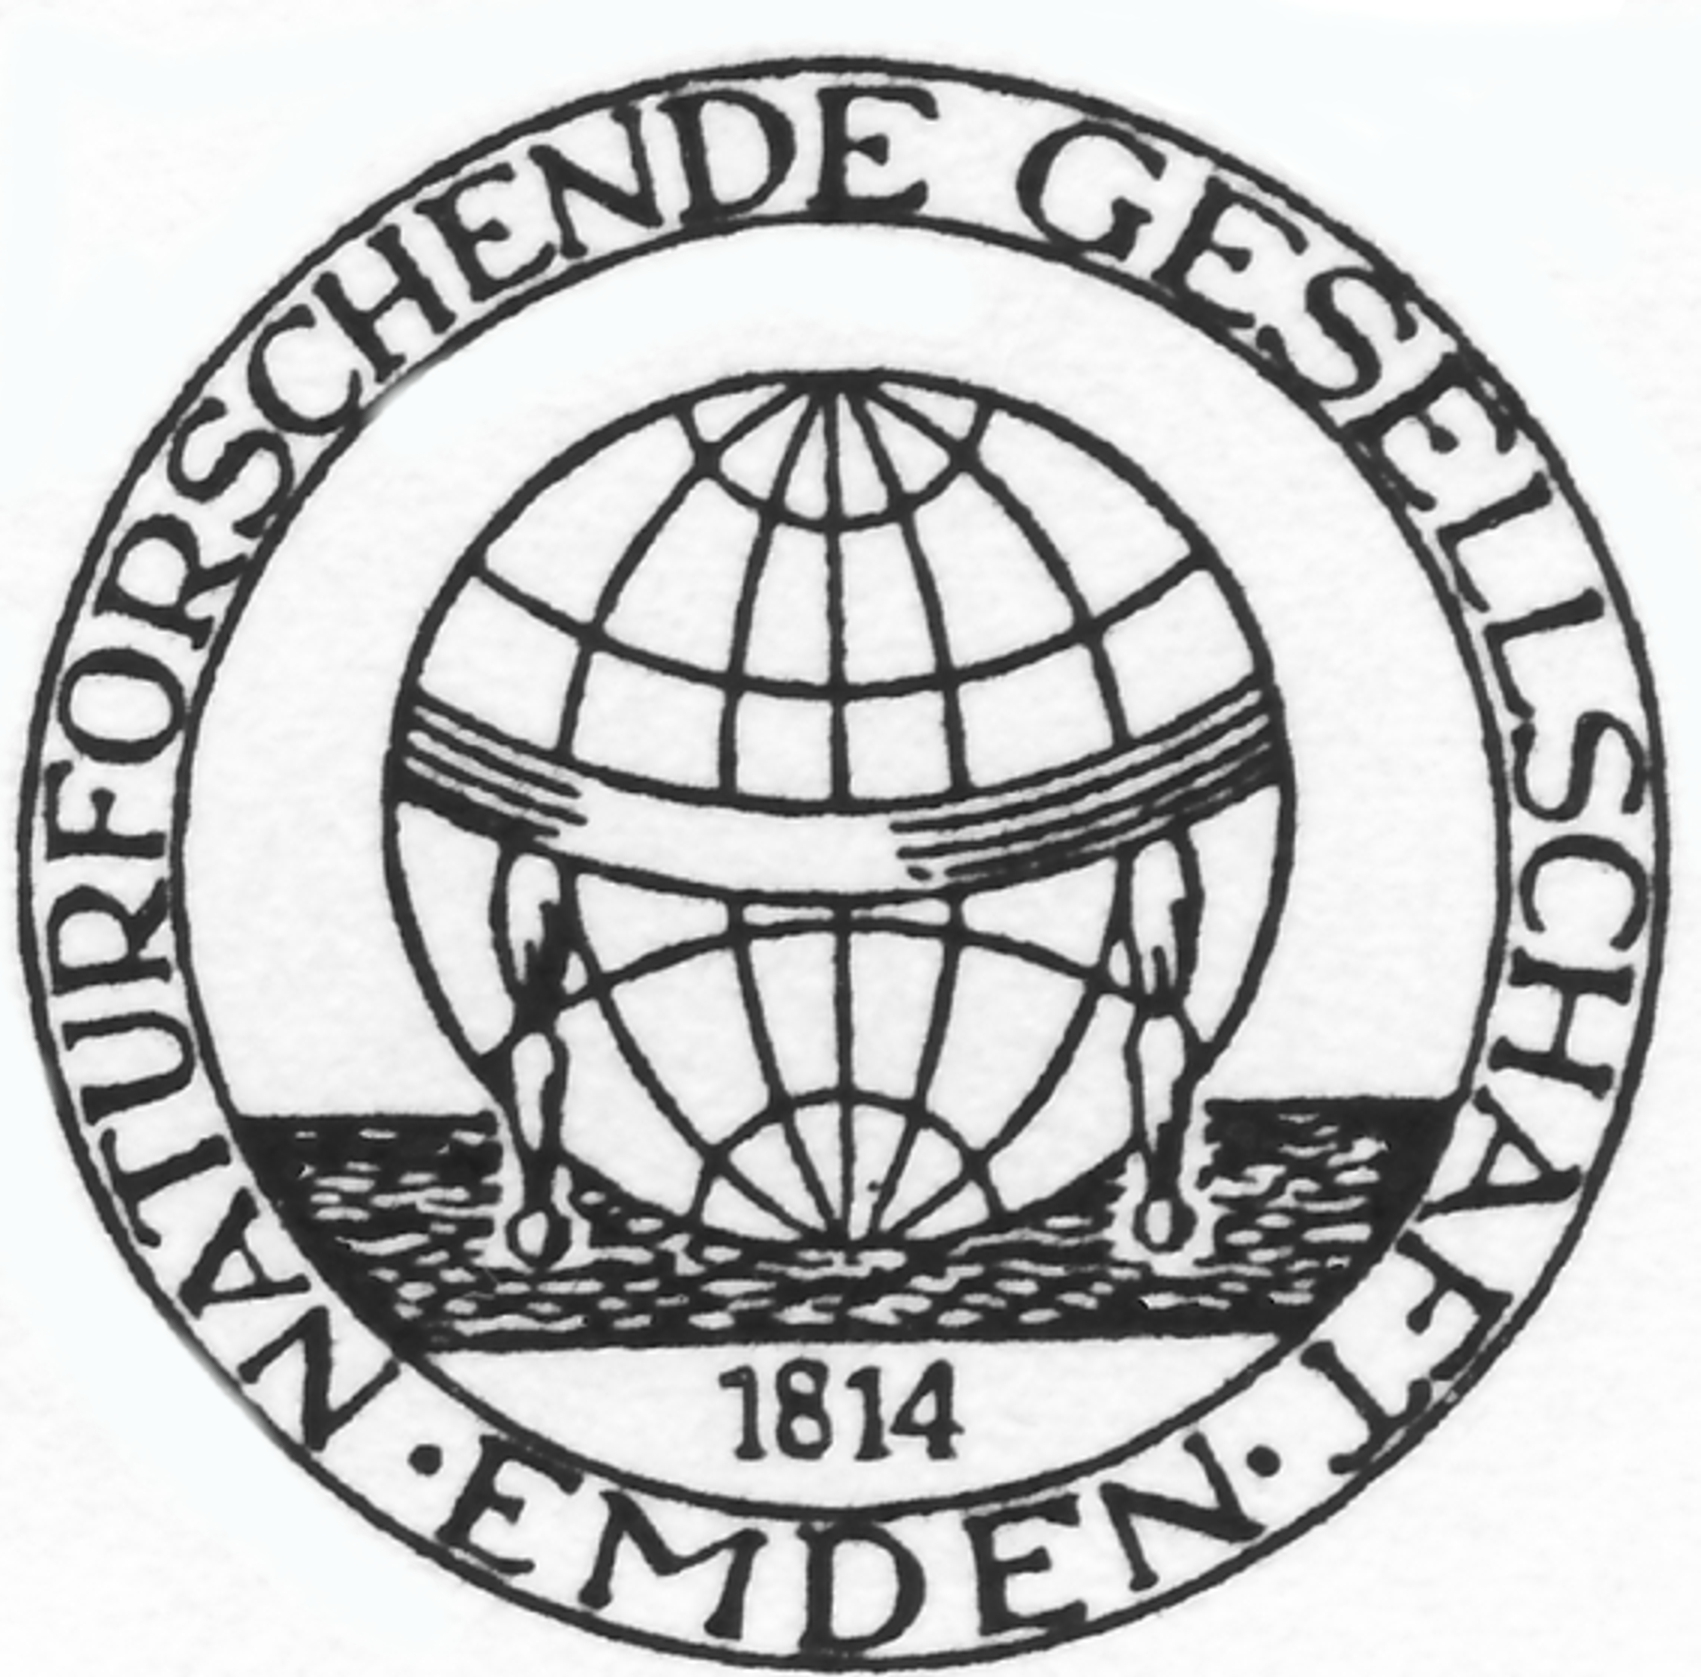 Logo Naturforschende Gesellschaft zu Emden von 1814